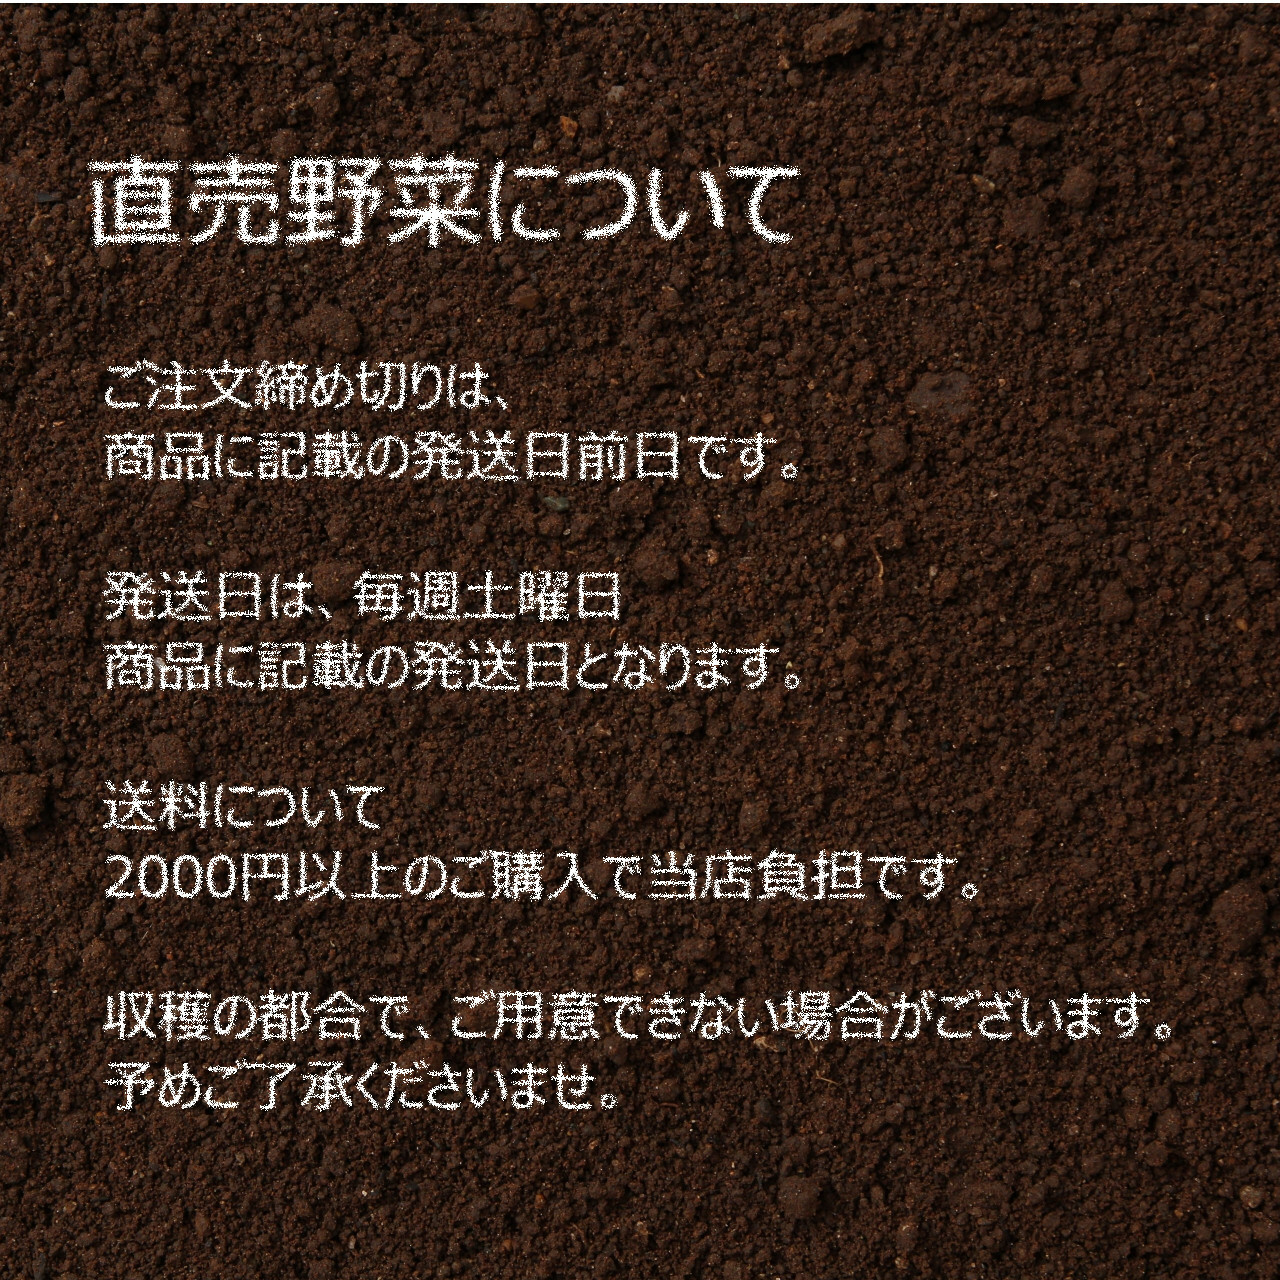 6月の朝採り直売野菜  : ナス 約400g 6月15日発送予定